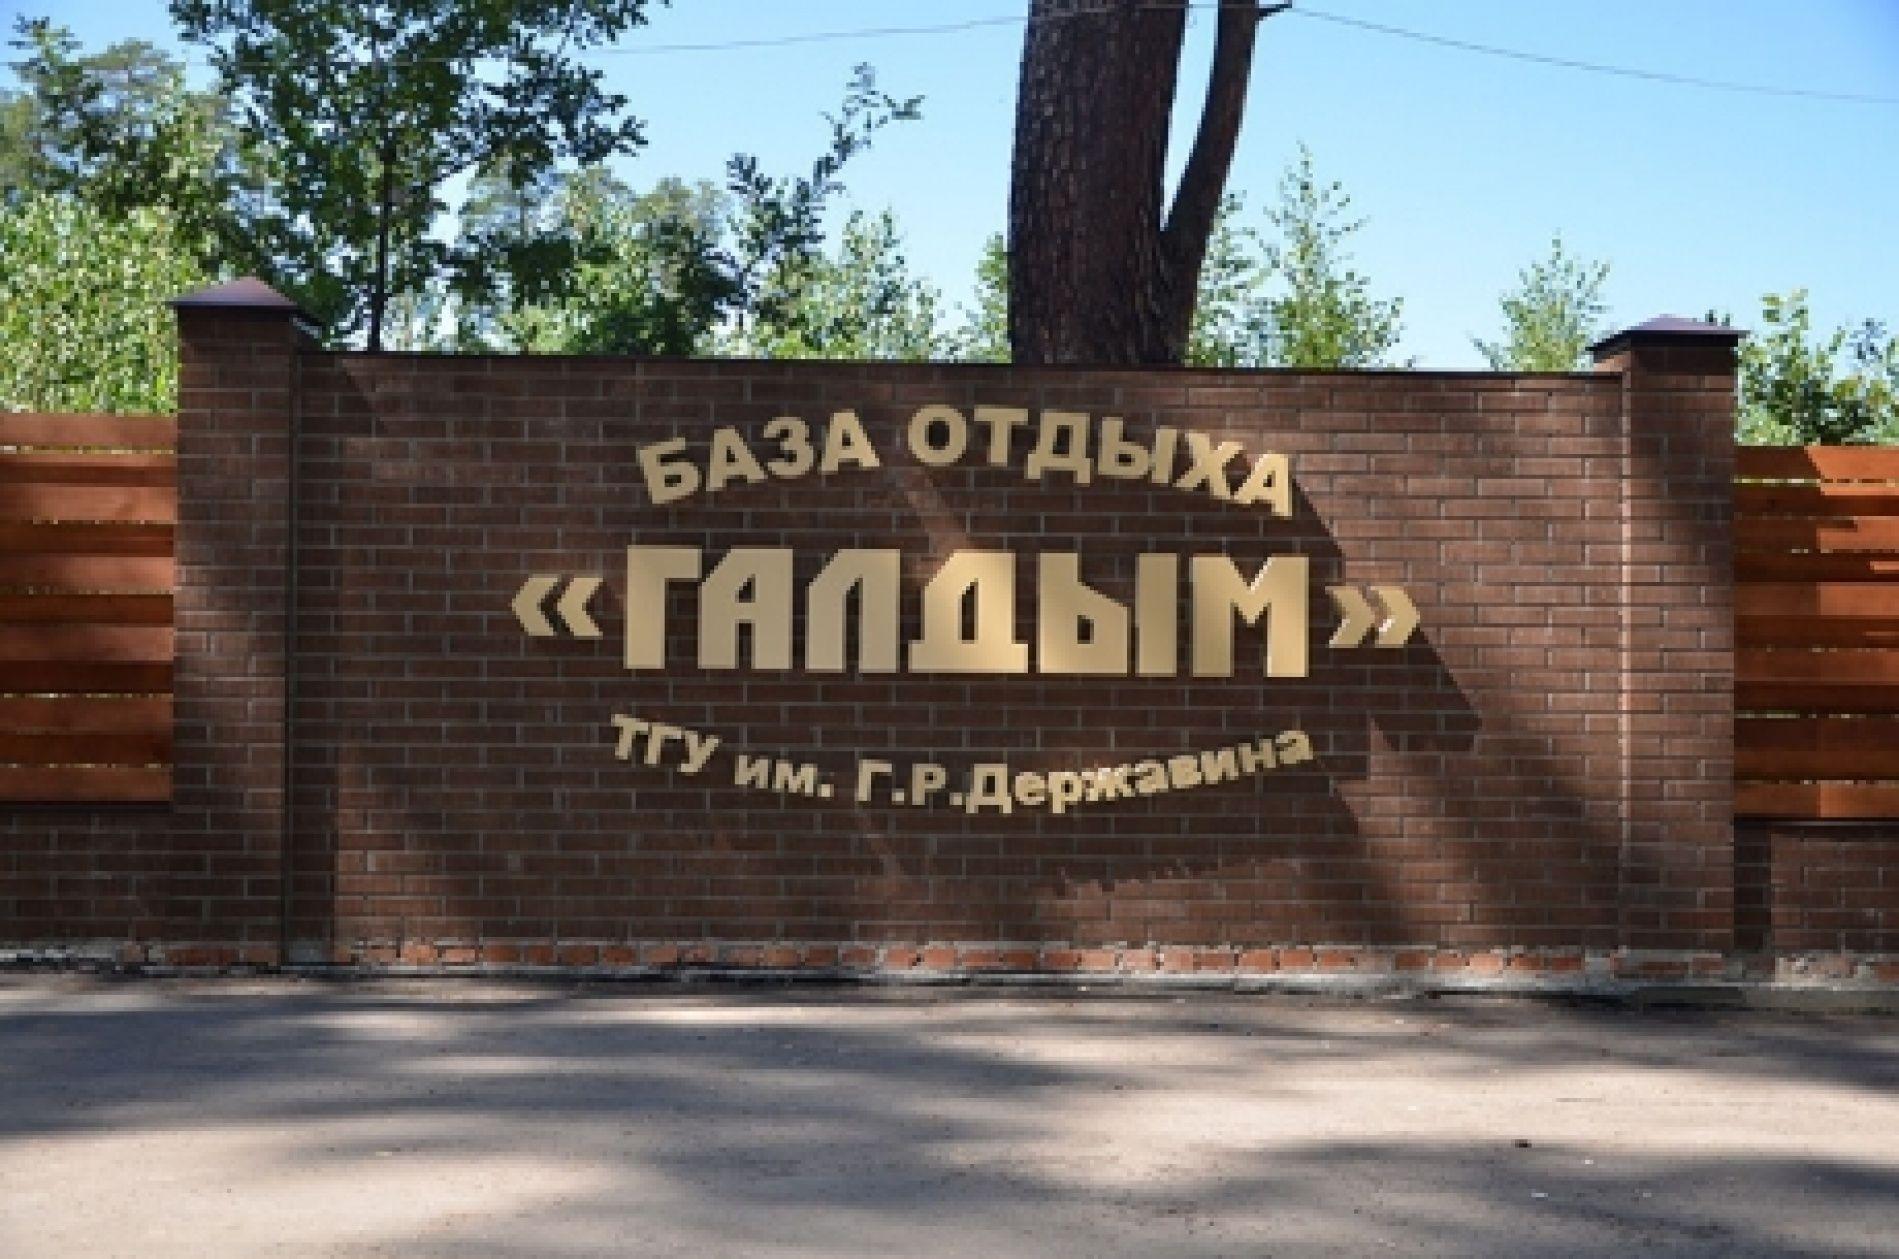 """База отдыха """"Галдым"""" Тамбовская область, фото 1"""